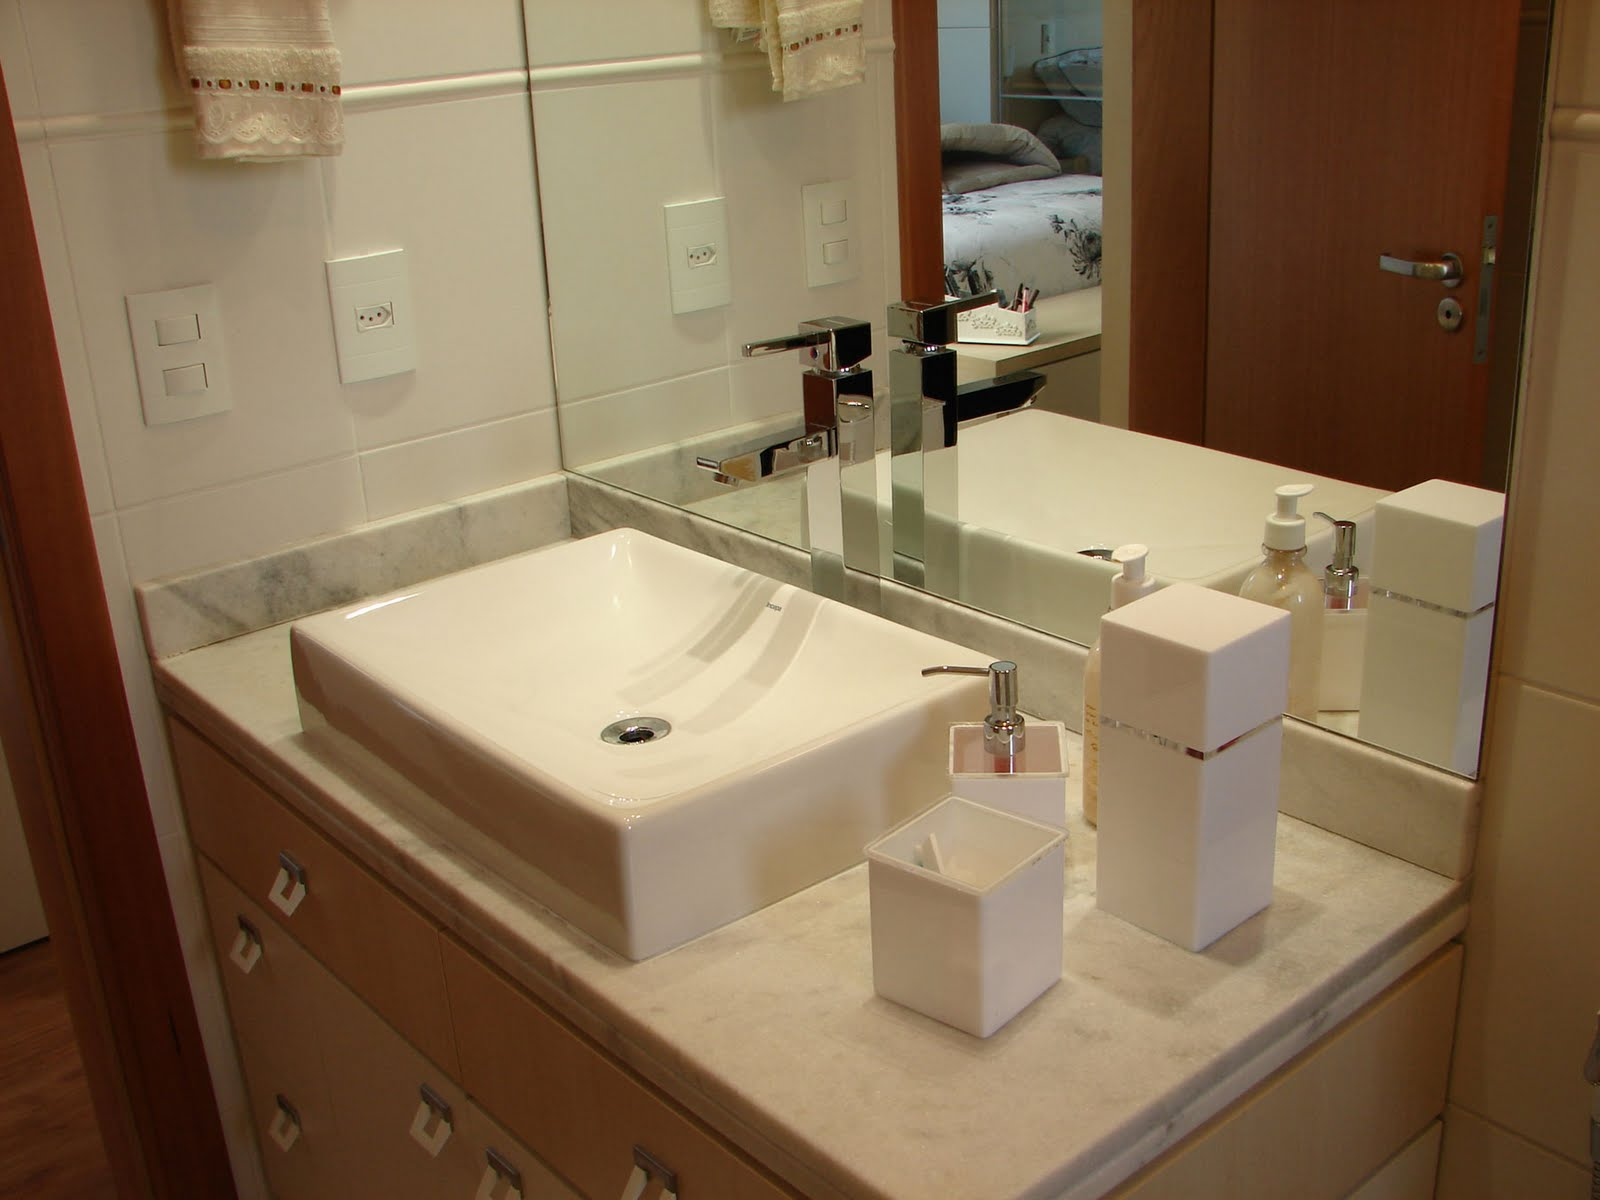 : Arquitetura de Interiores: Banheiros. Reciclando ambientes #442410 1600 1200